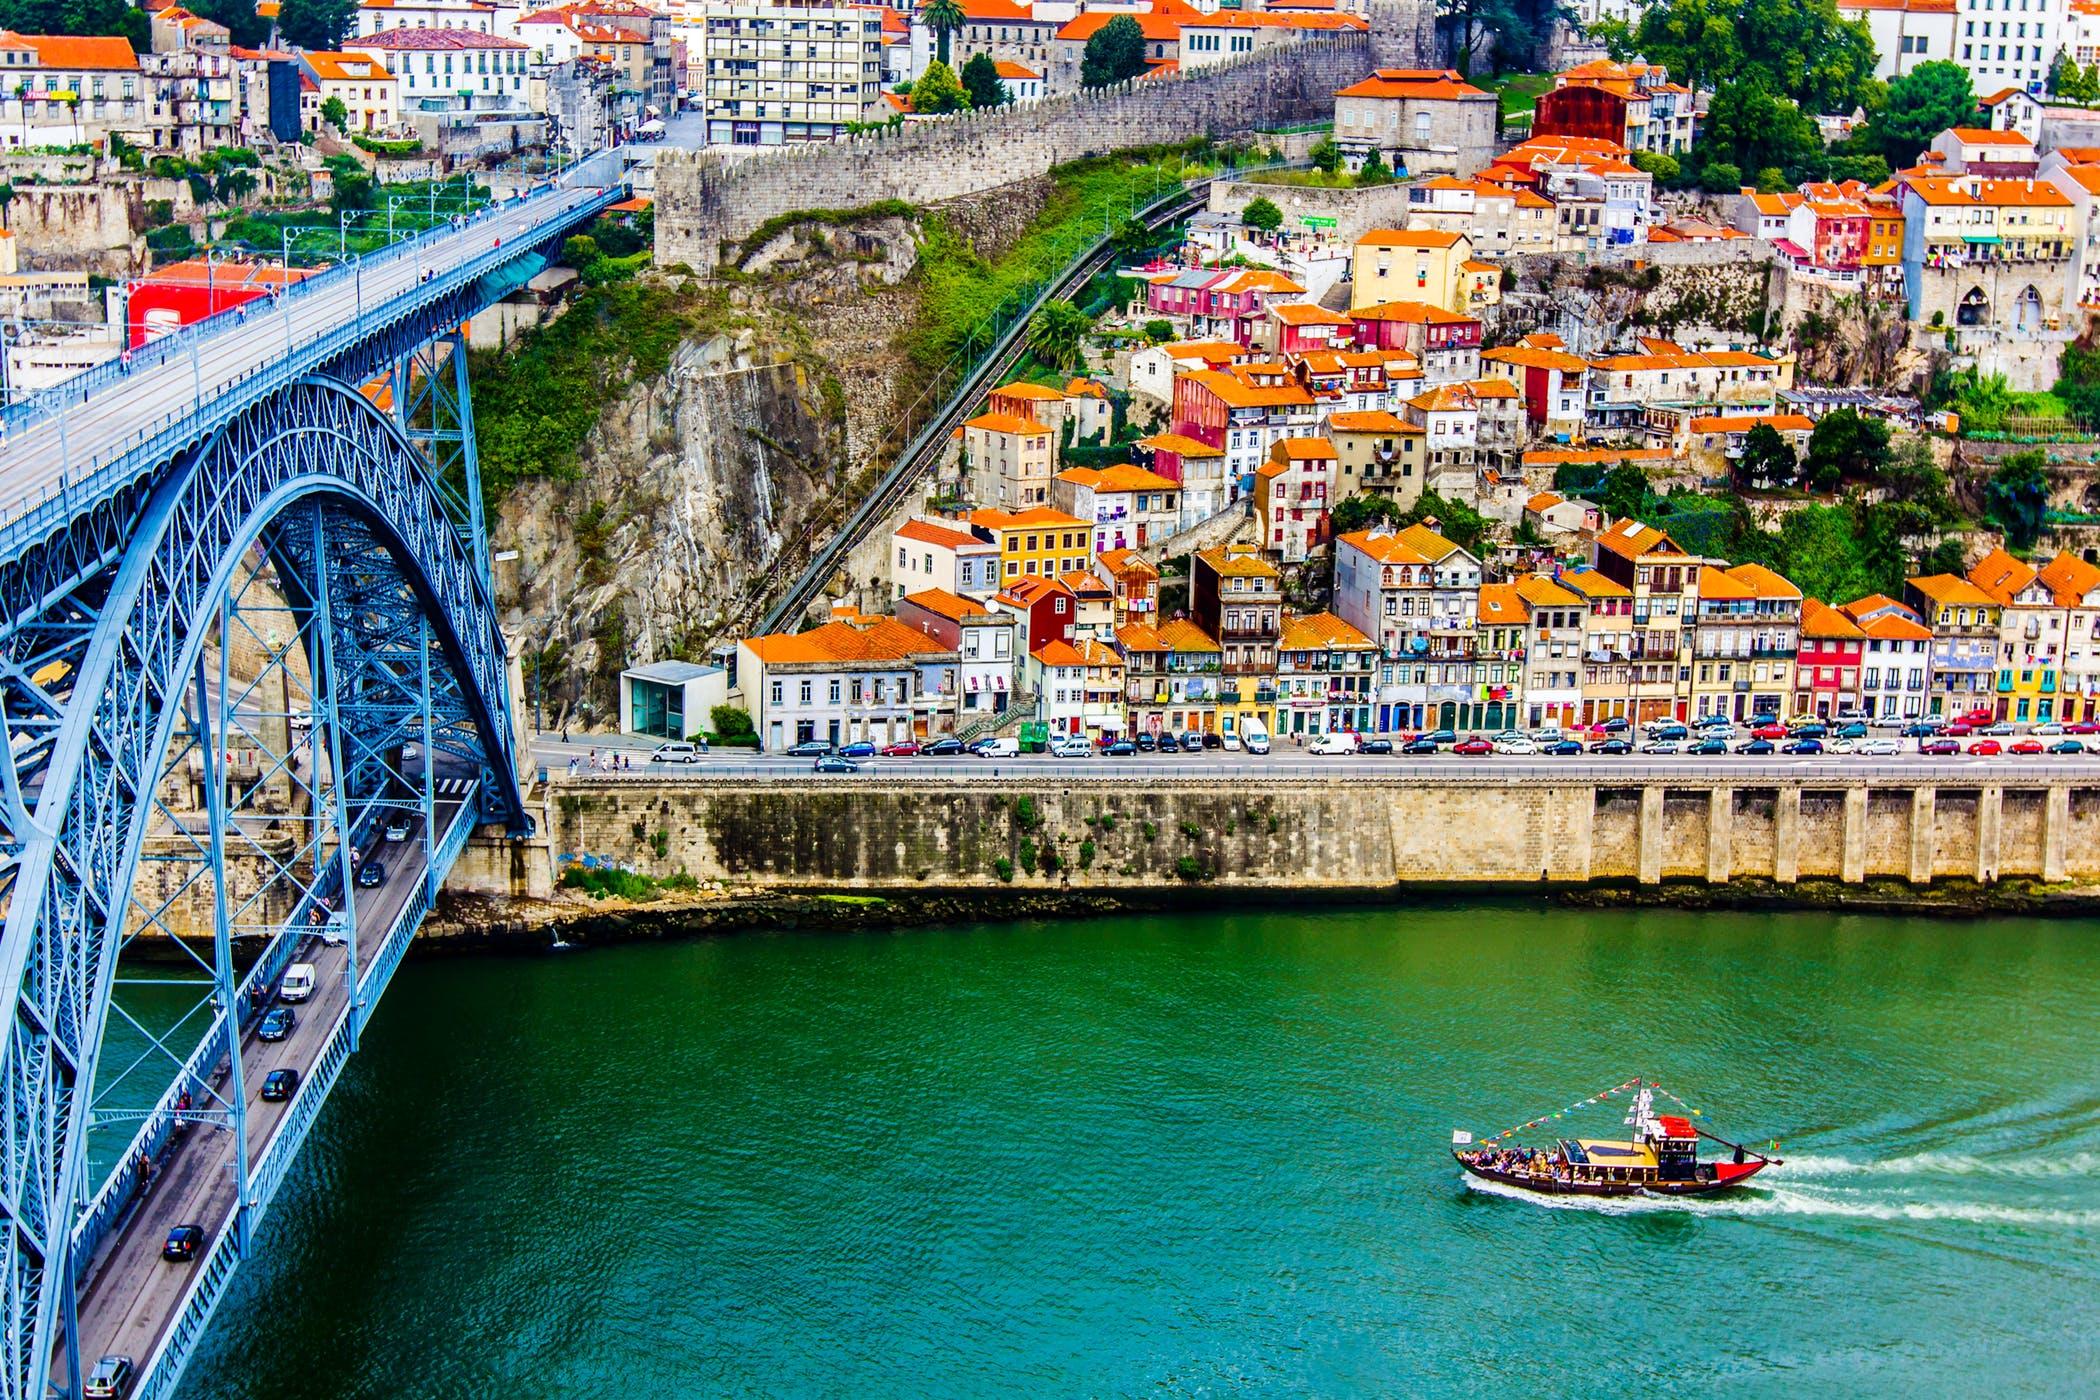 Групповая экскурсия по Порту (4 часа)